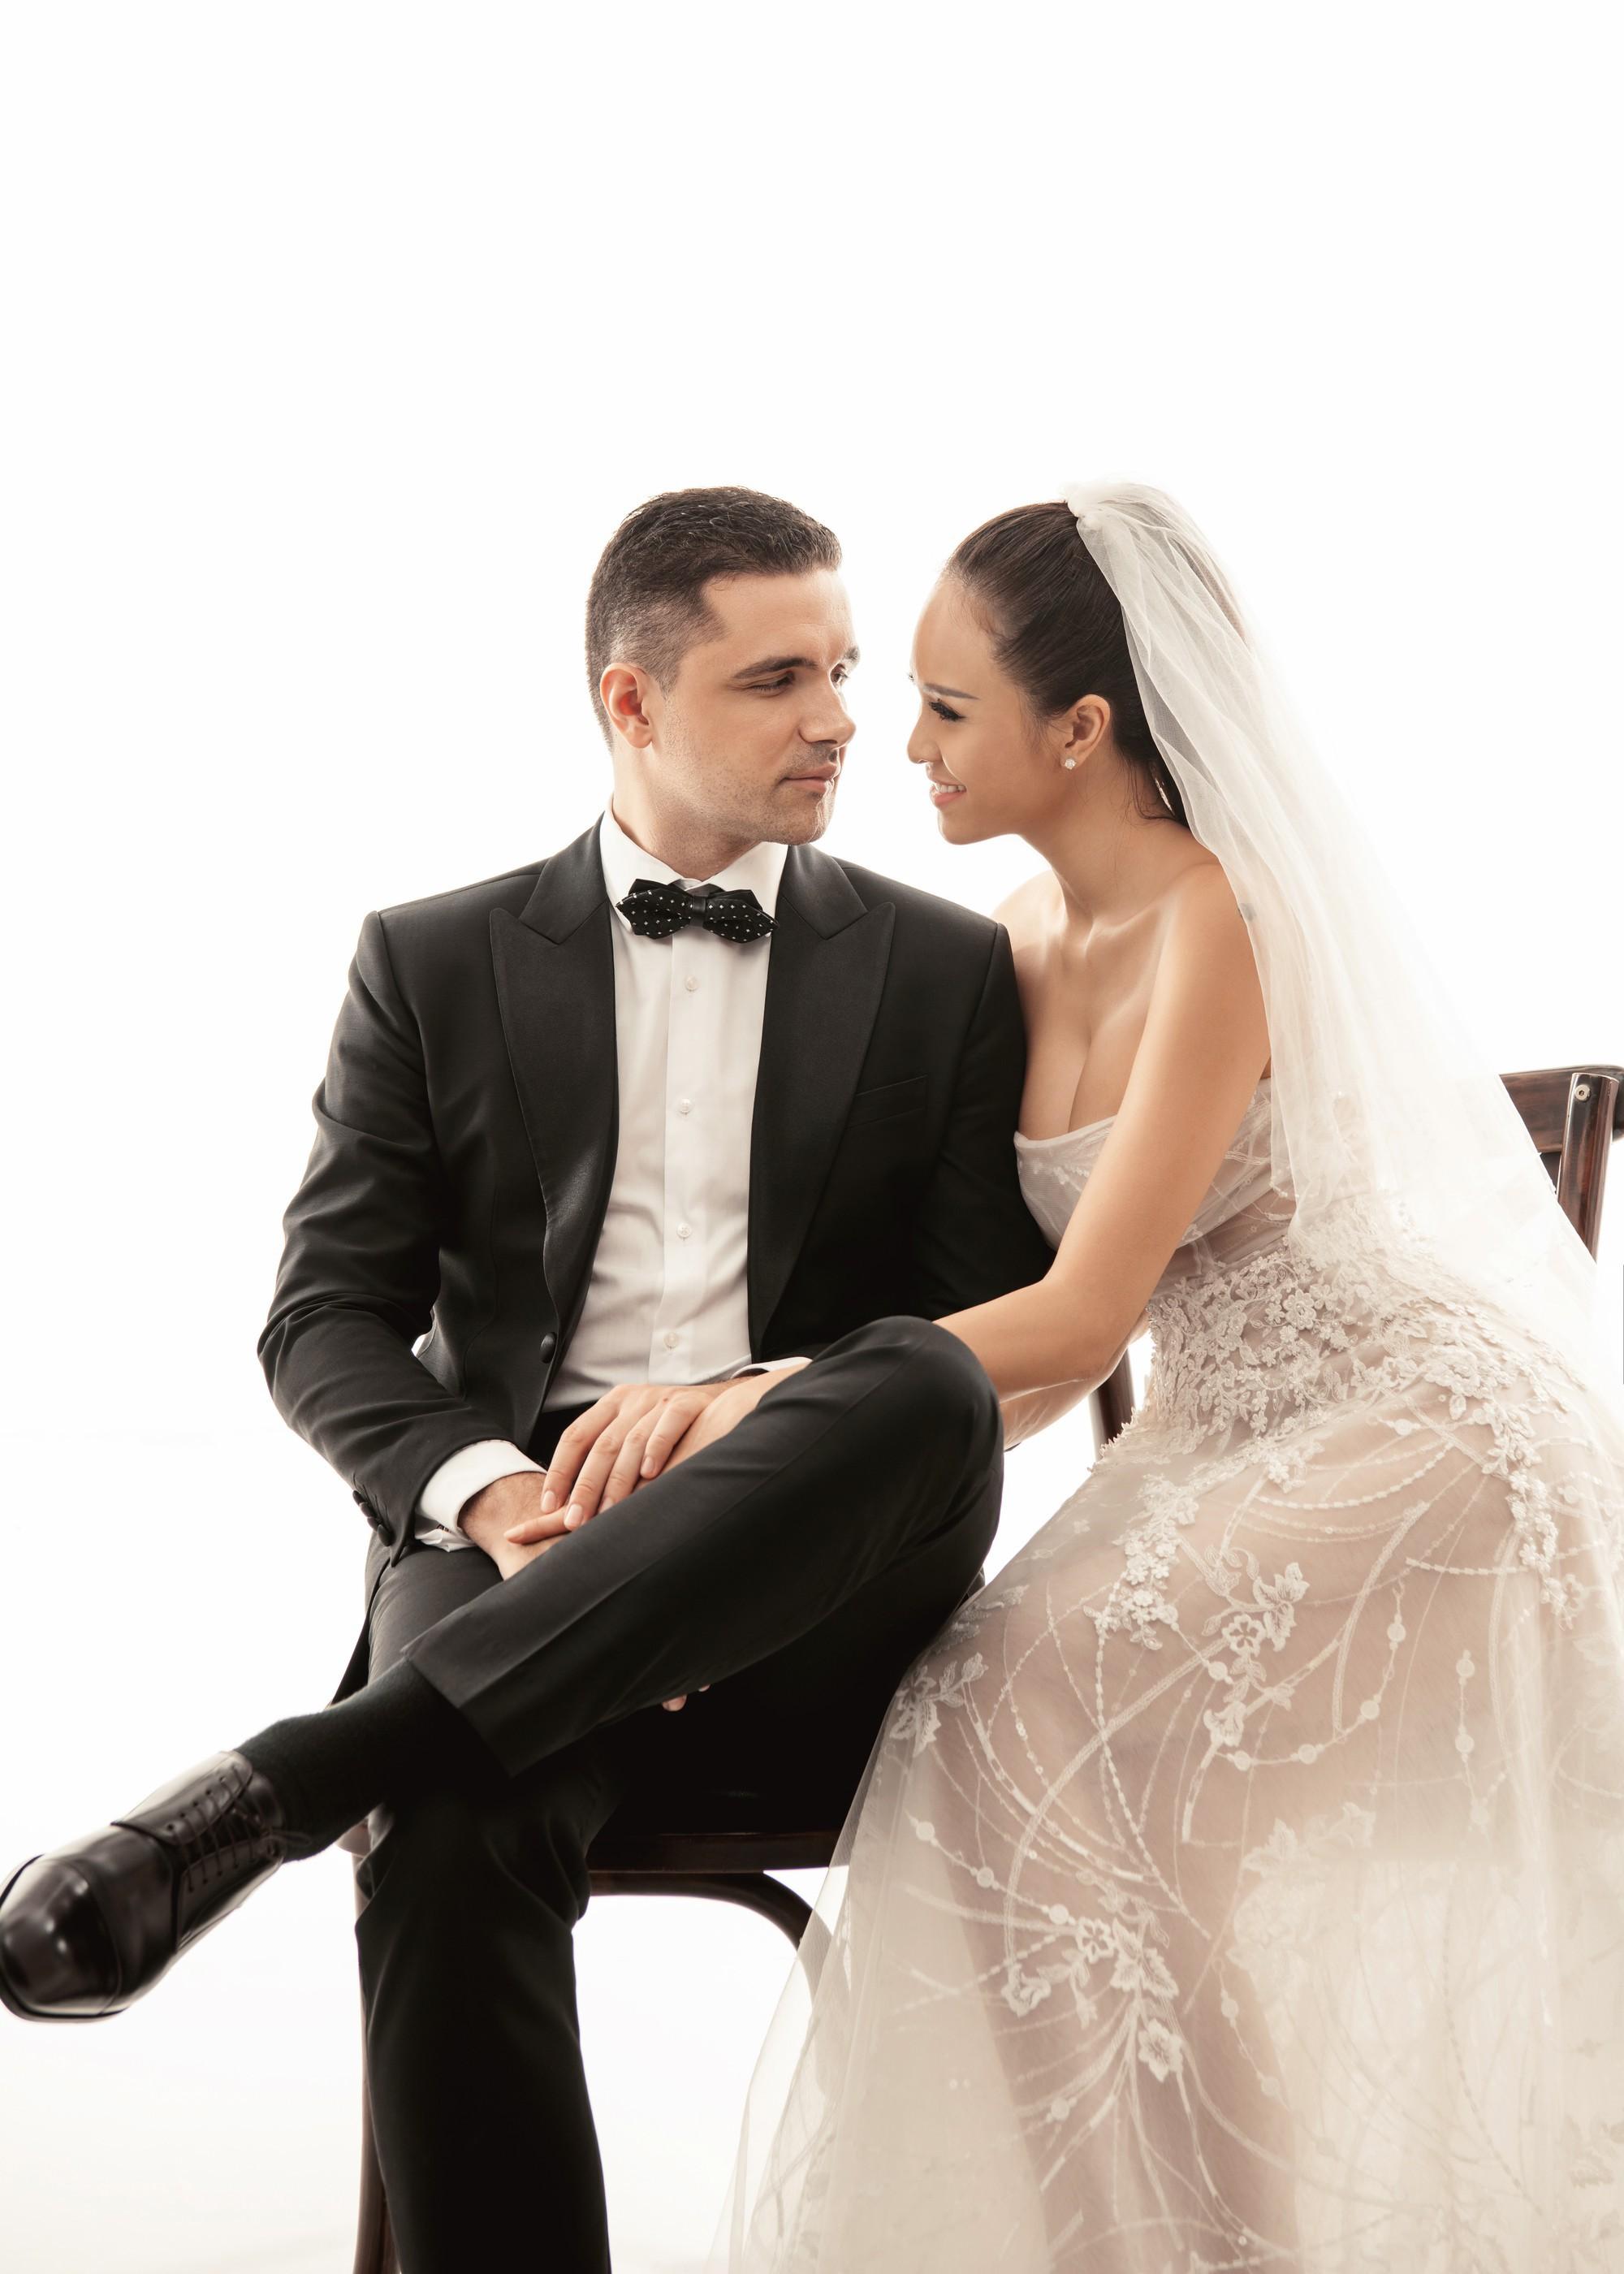 Siêu mẫu Phương Mai khoá môi ông xã Tây cực ngọt ngào trong bộ ảnh cưới trước ngày lên xe hoa - Ảnh 1.